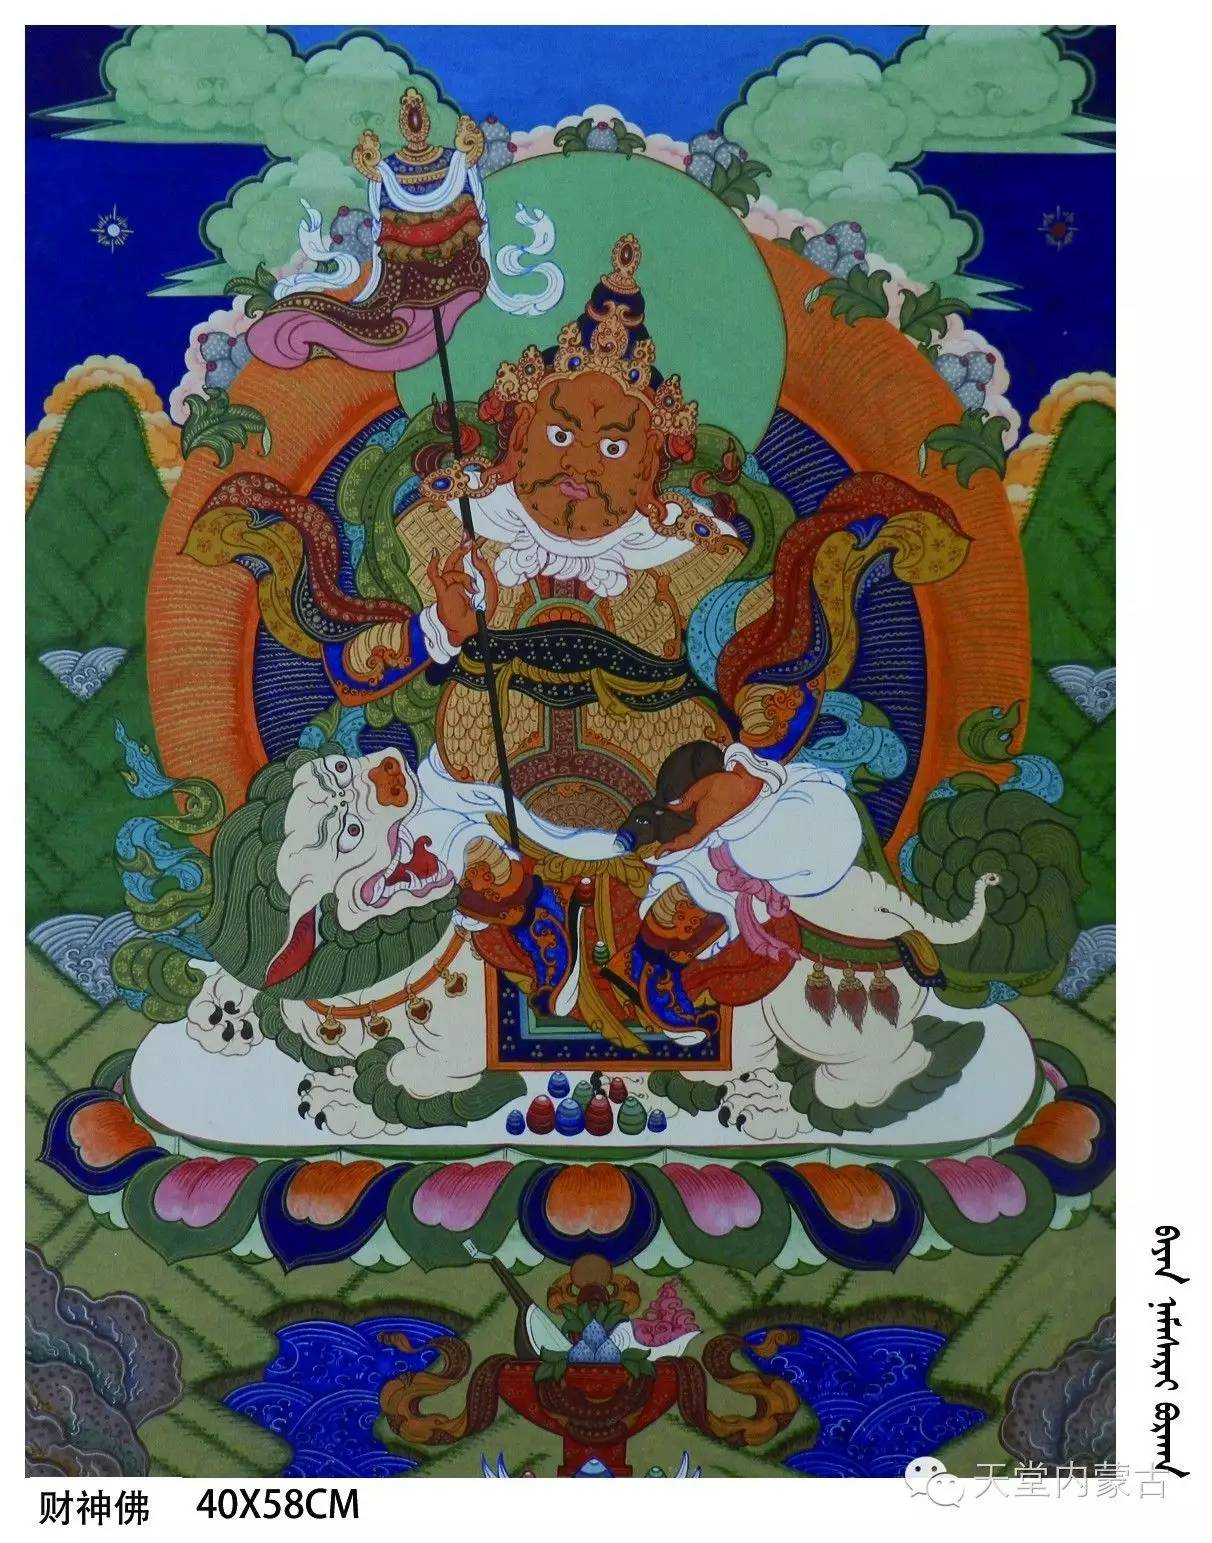 🔴内蒙古蒙古画艺术家乌云额尔德尼《故乡的呼唤》个人艺术展 第5张